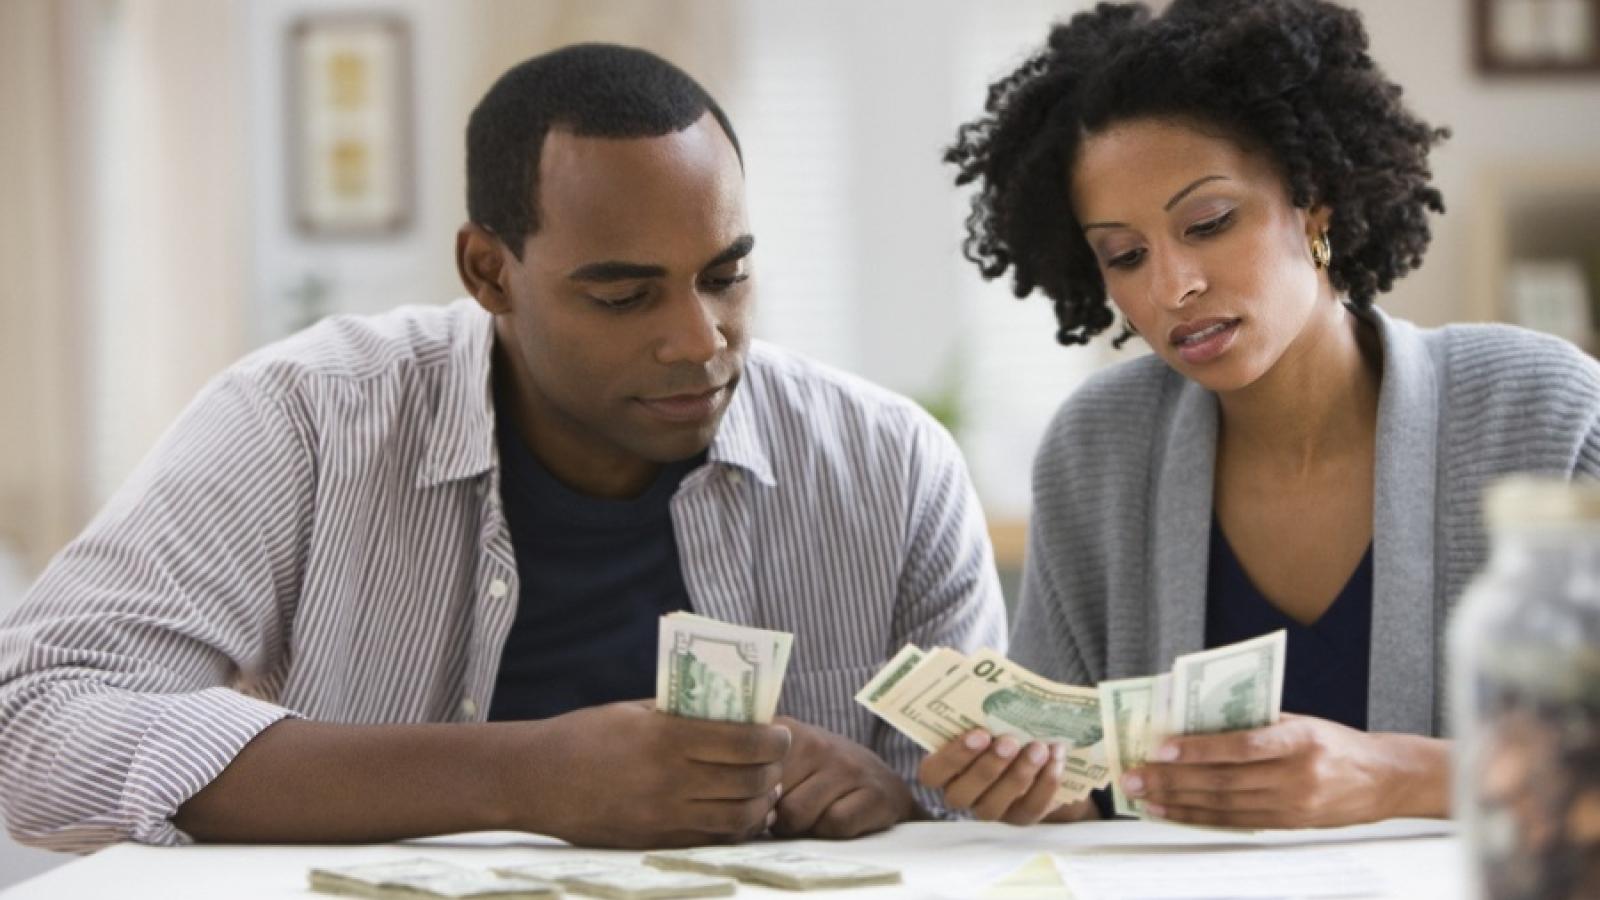 Thiết lập các mục tiêu hôn nhân giúp mối quan hệ của bạn bền chặt hơn